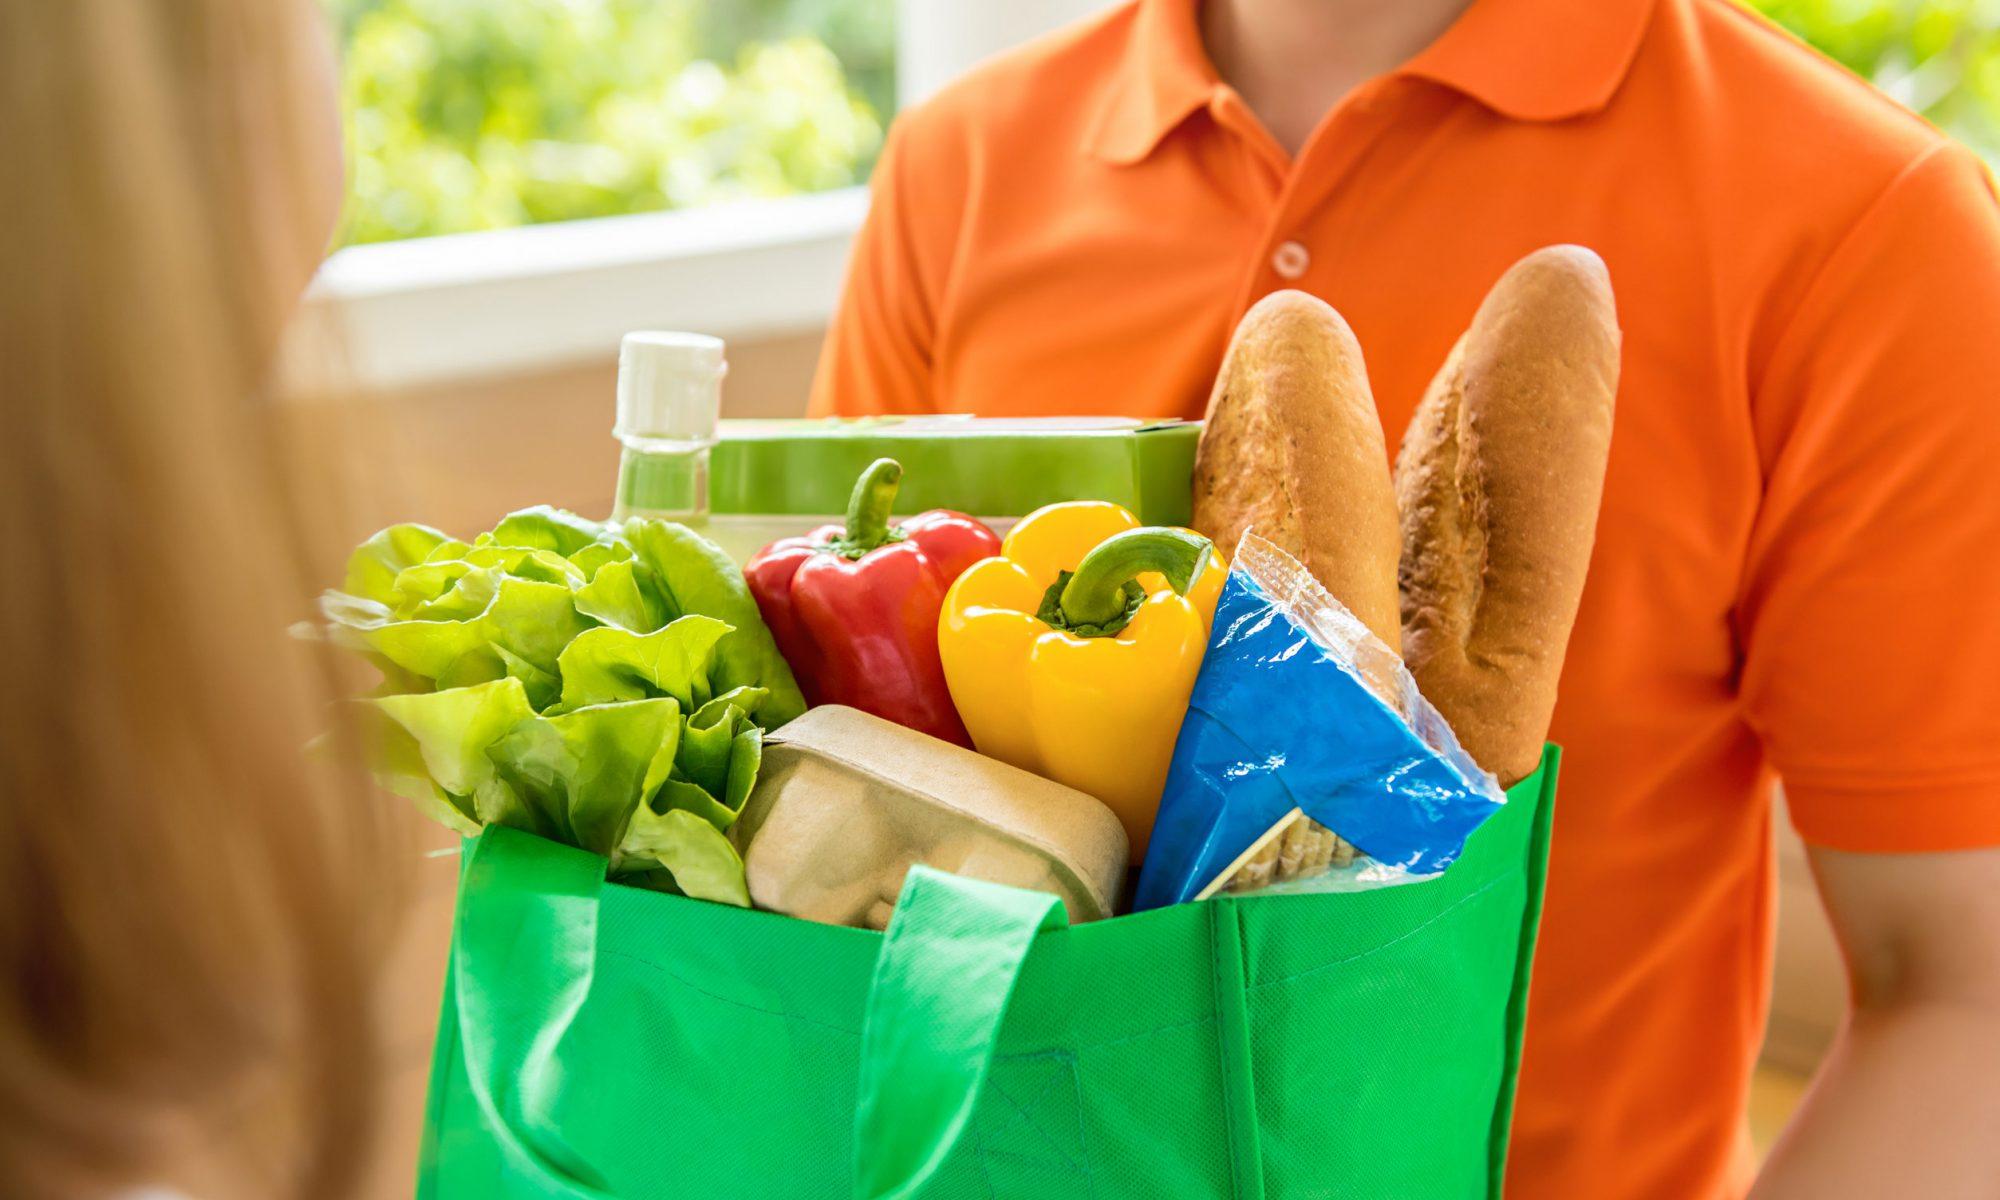 Удобство мобильного заказа еды с доставкой